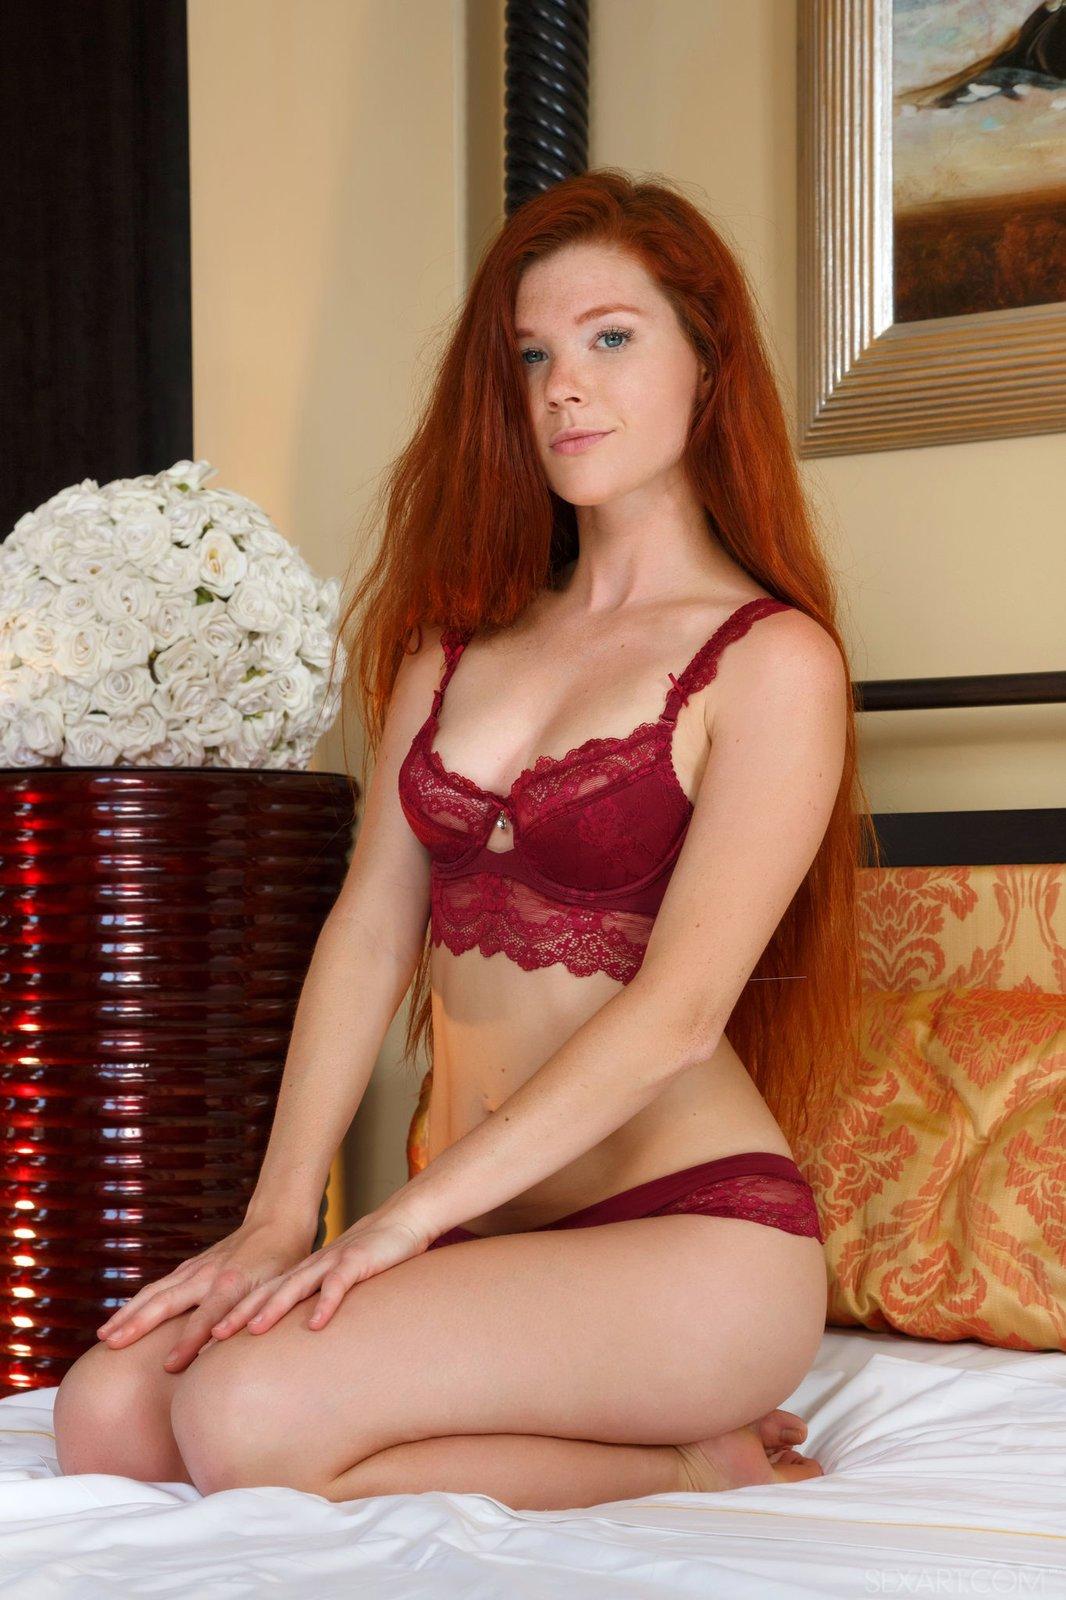 Рыжая чика удовлетворяется на кроватке